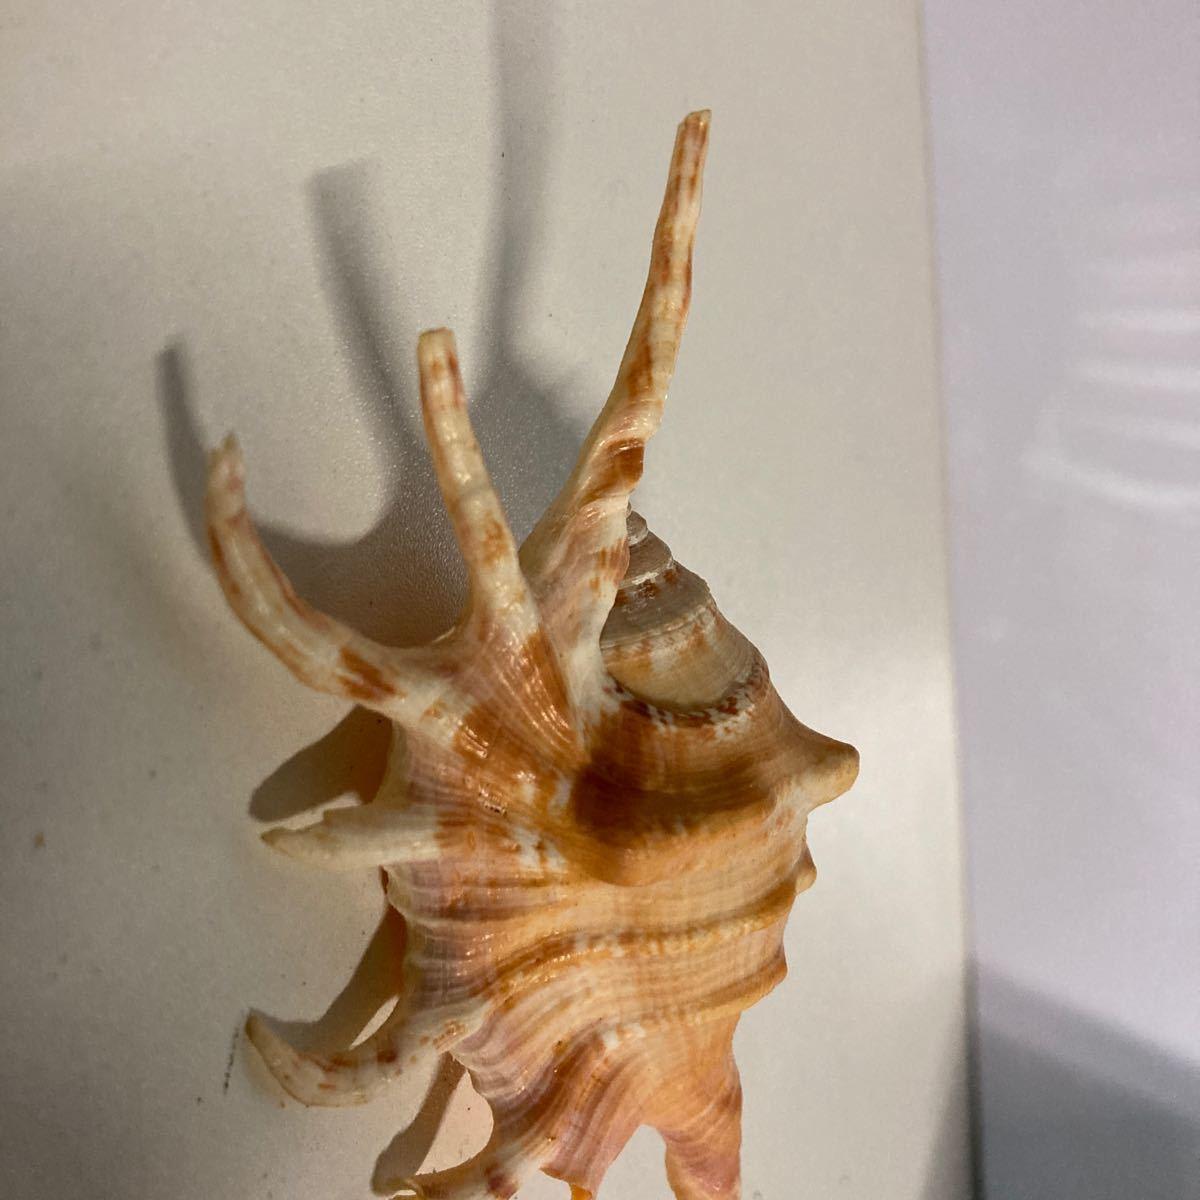 貝殻 貝標本 天然貝殻 貝殻標本 4_画像3